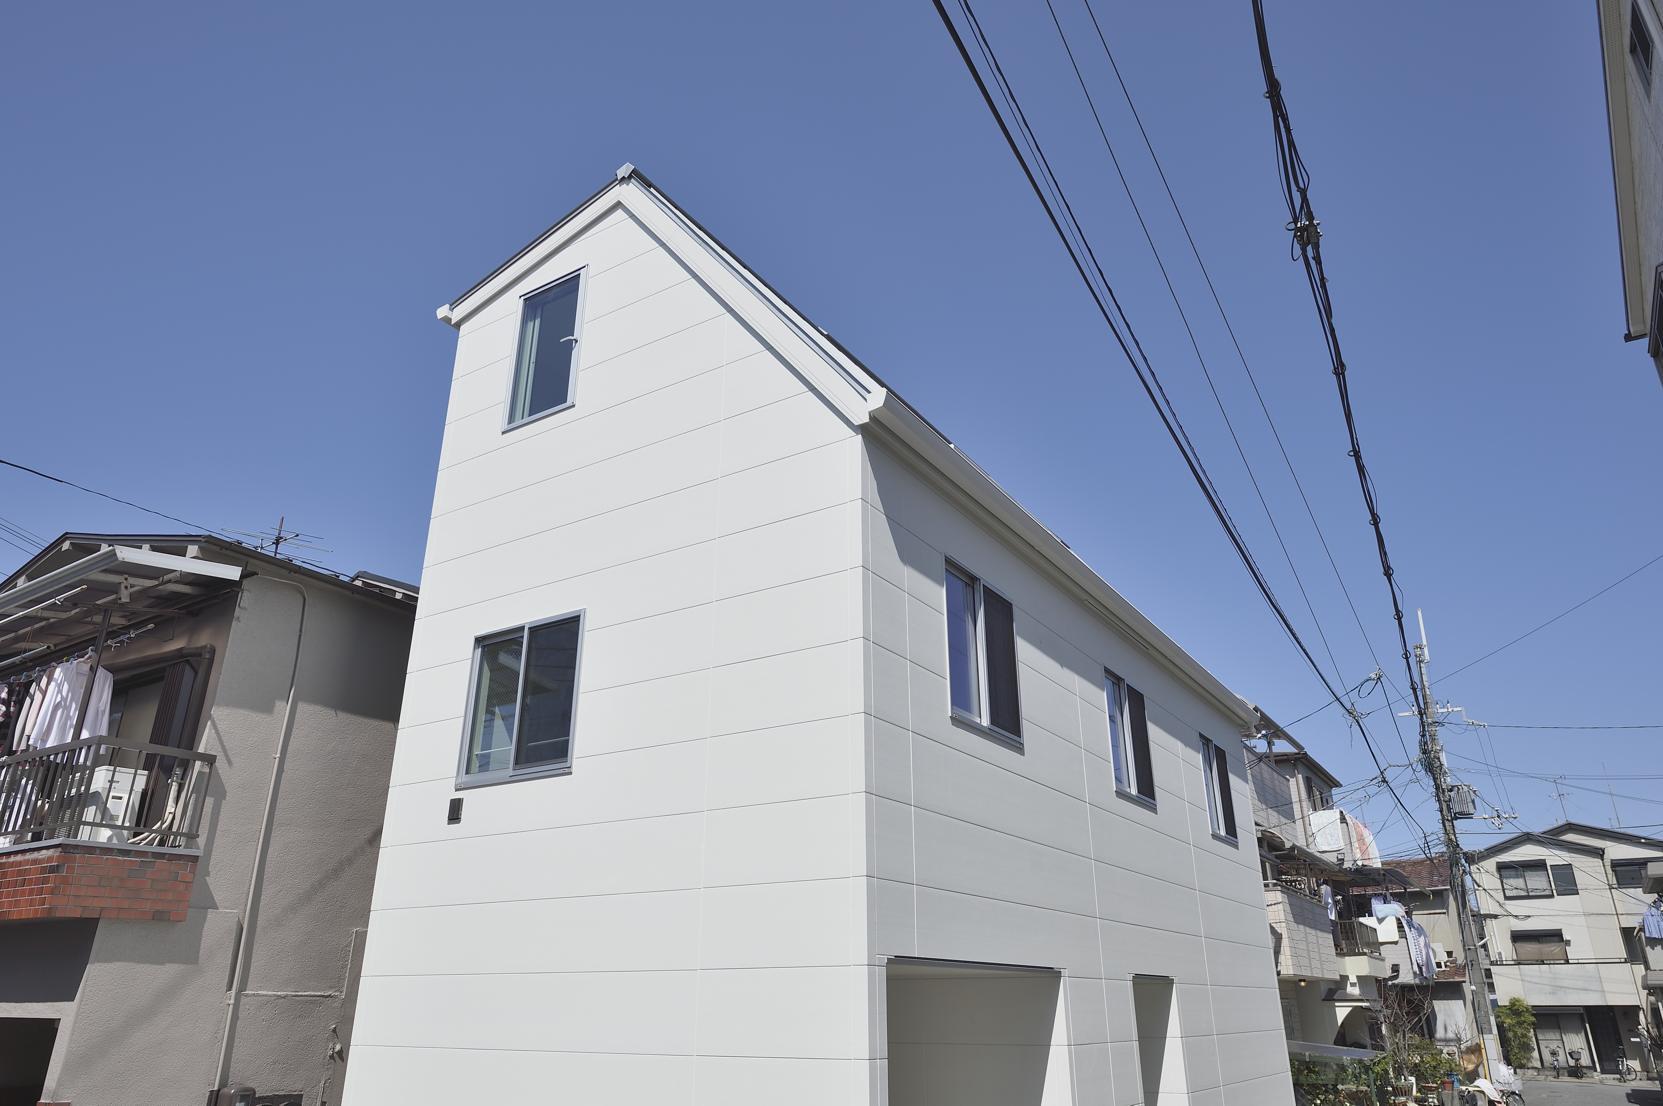 コンパクトハウスはどんな家?コンパクトハウスを建てる際のポイントとは